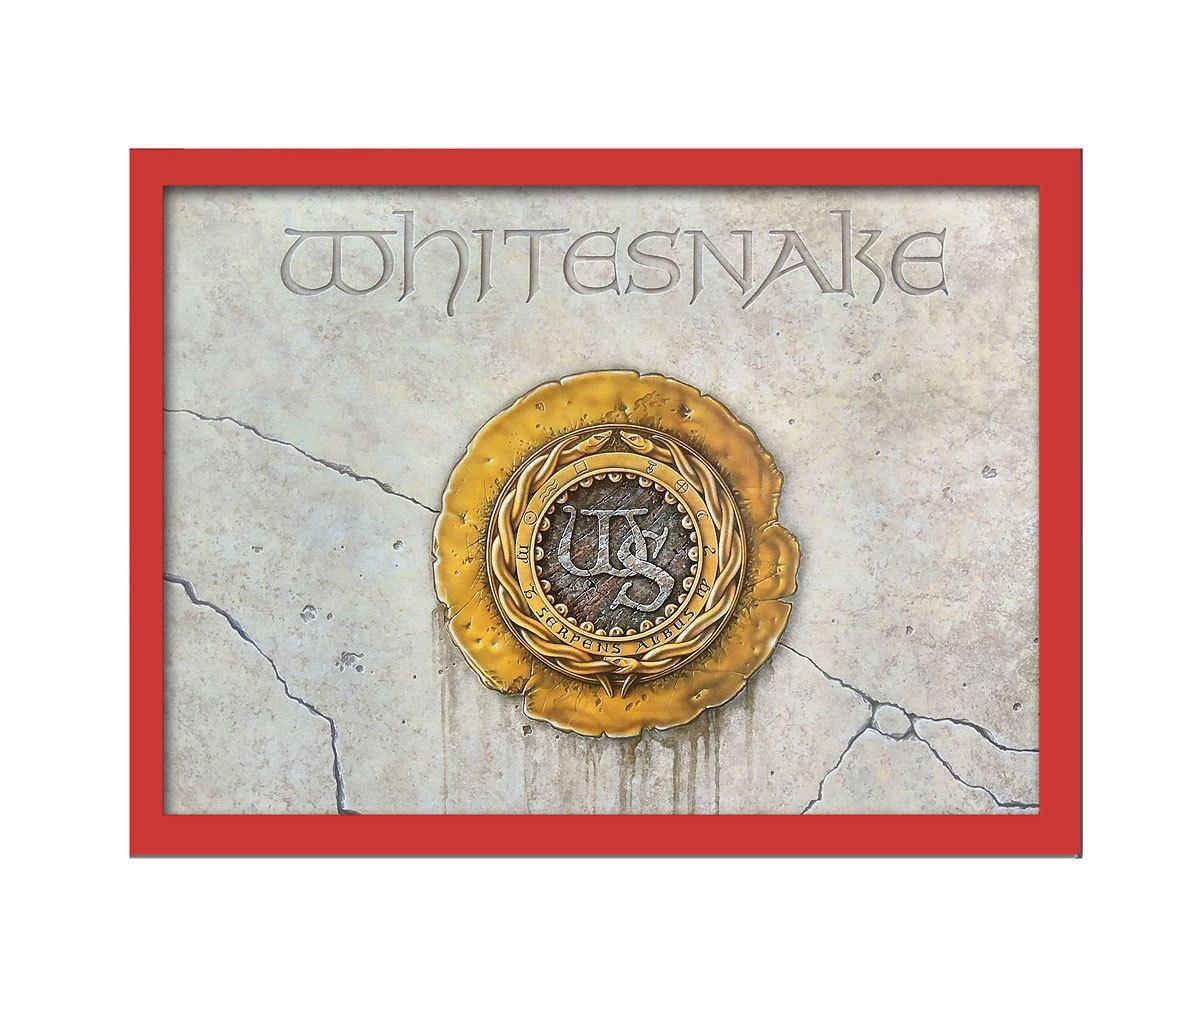 Quadro Whitesnake Album 33x25 moldura vermelho